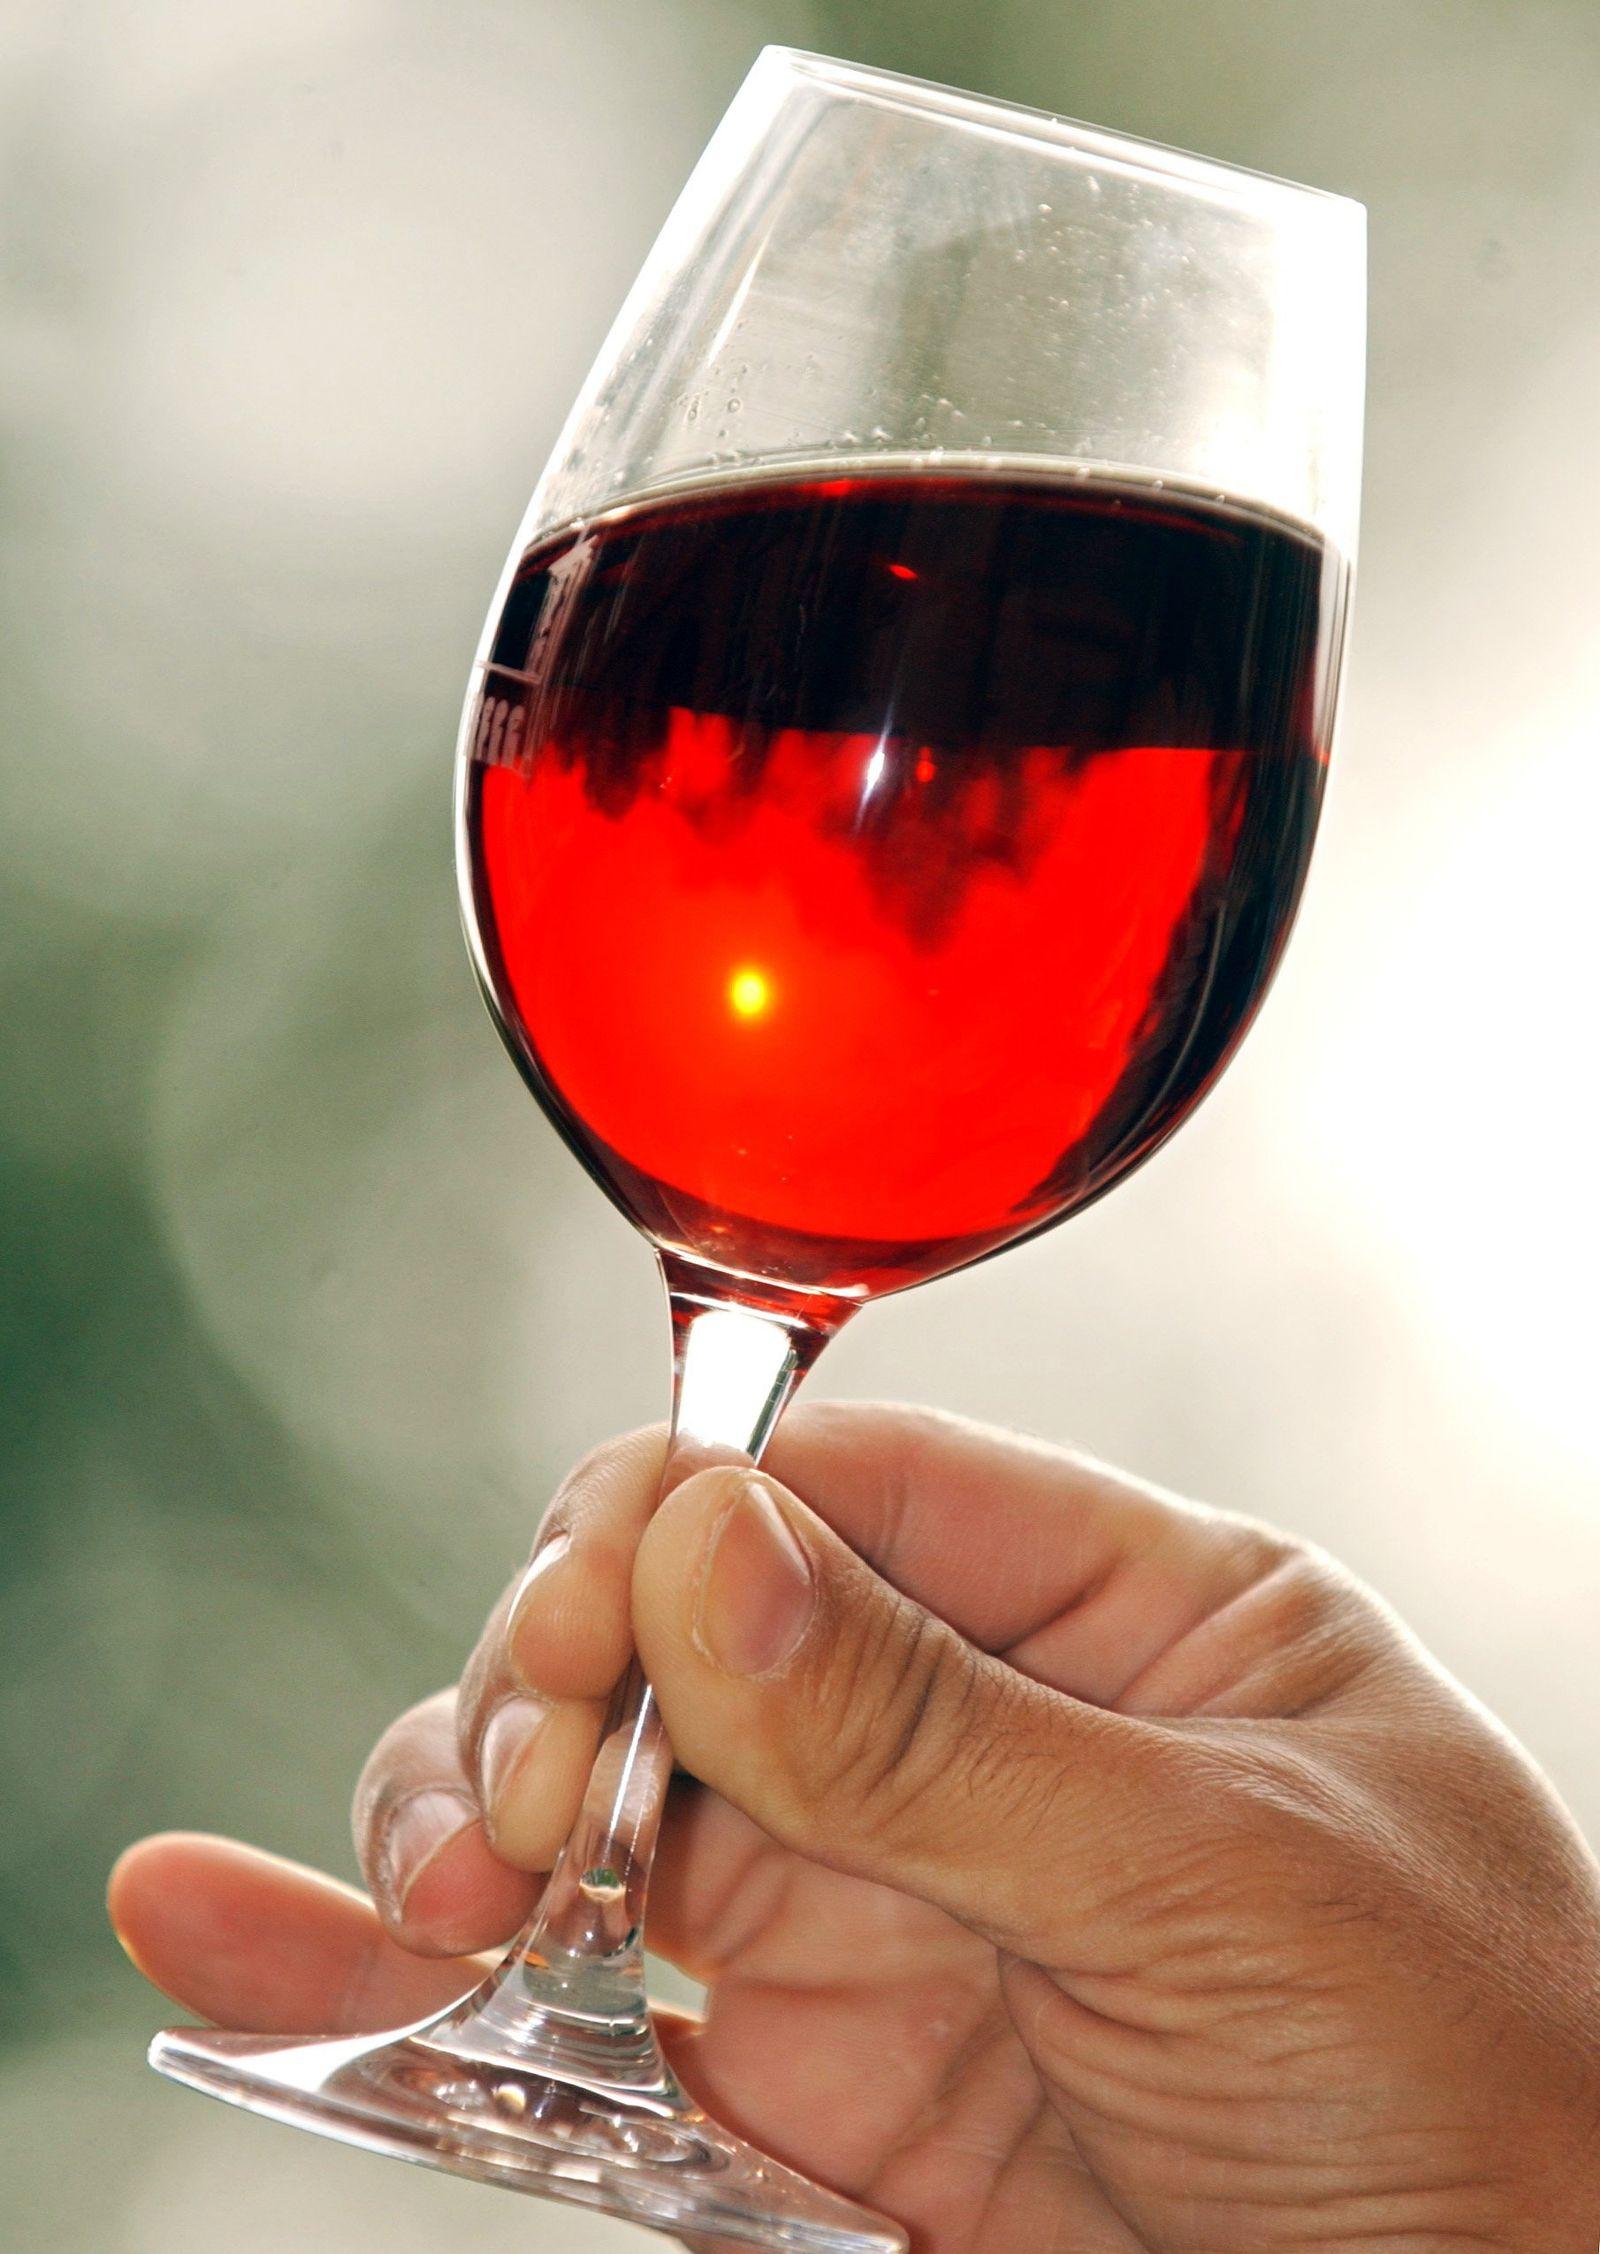 Rotweinglas / Rotwein / Wein / Weinglas